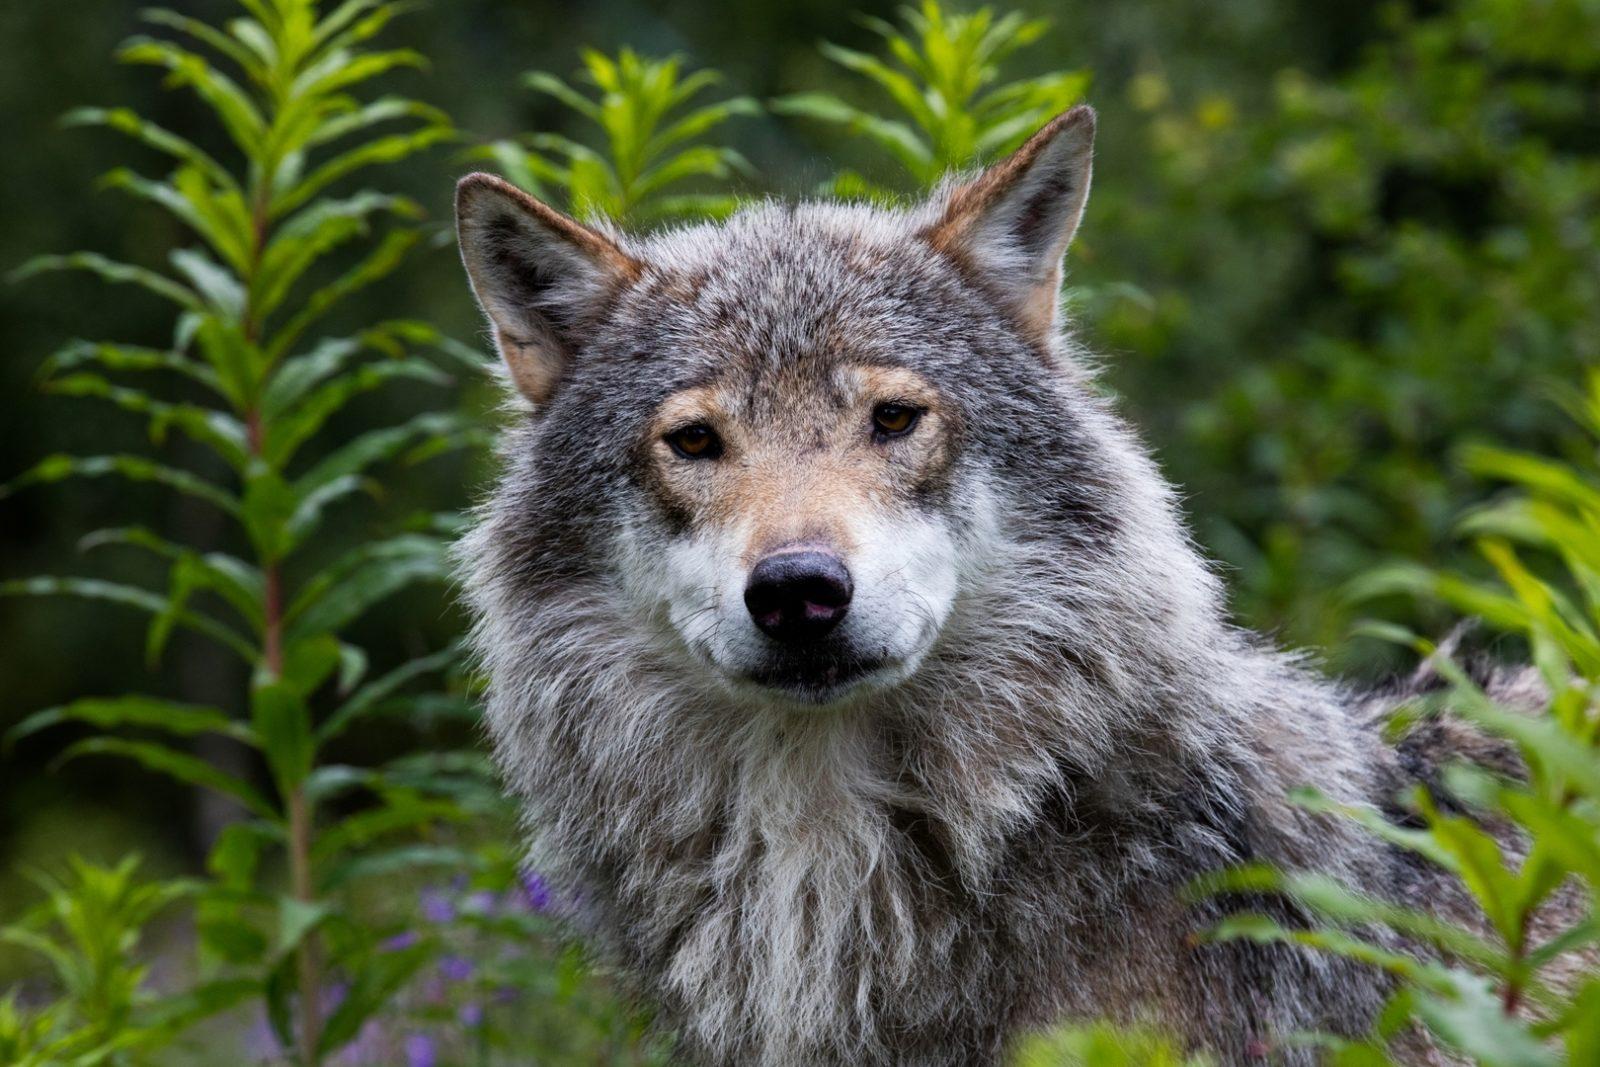 En ulv kikker frem bak noen busker. Den ser rett i kamera.